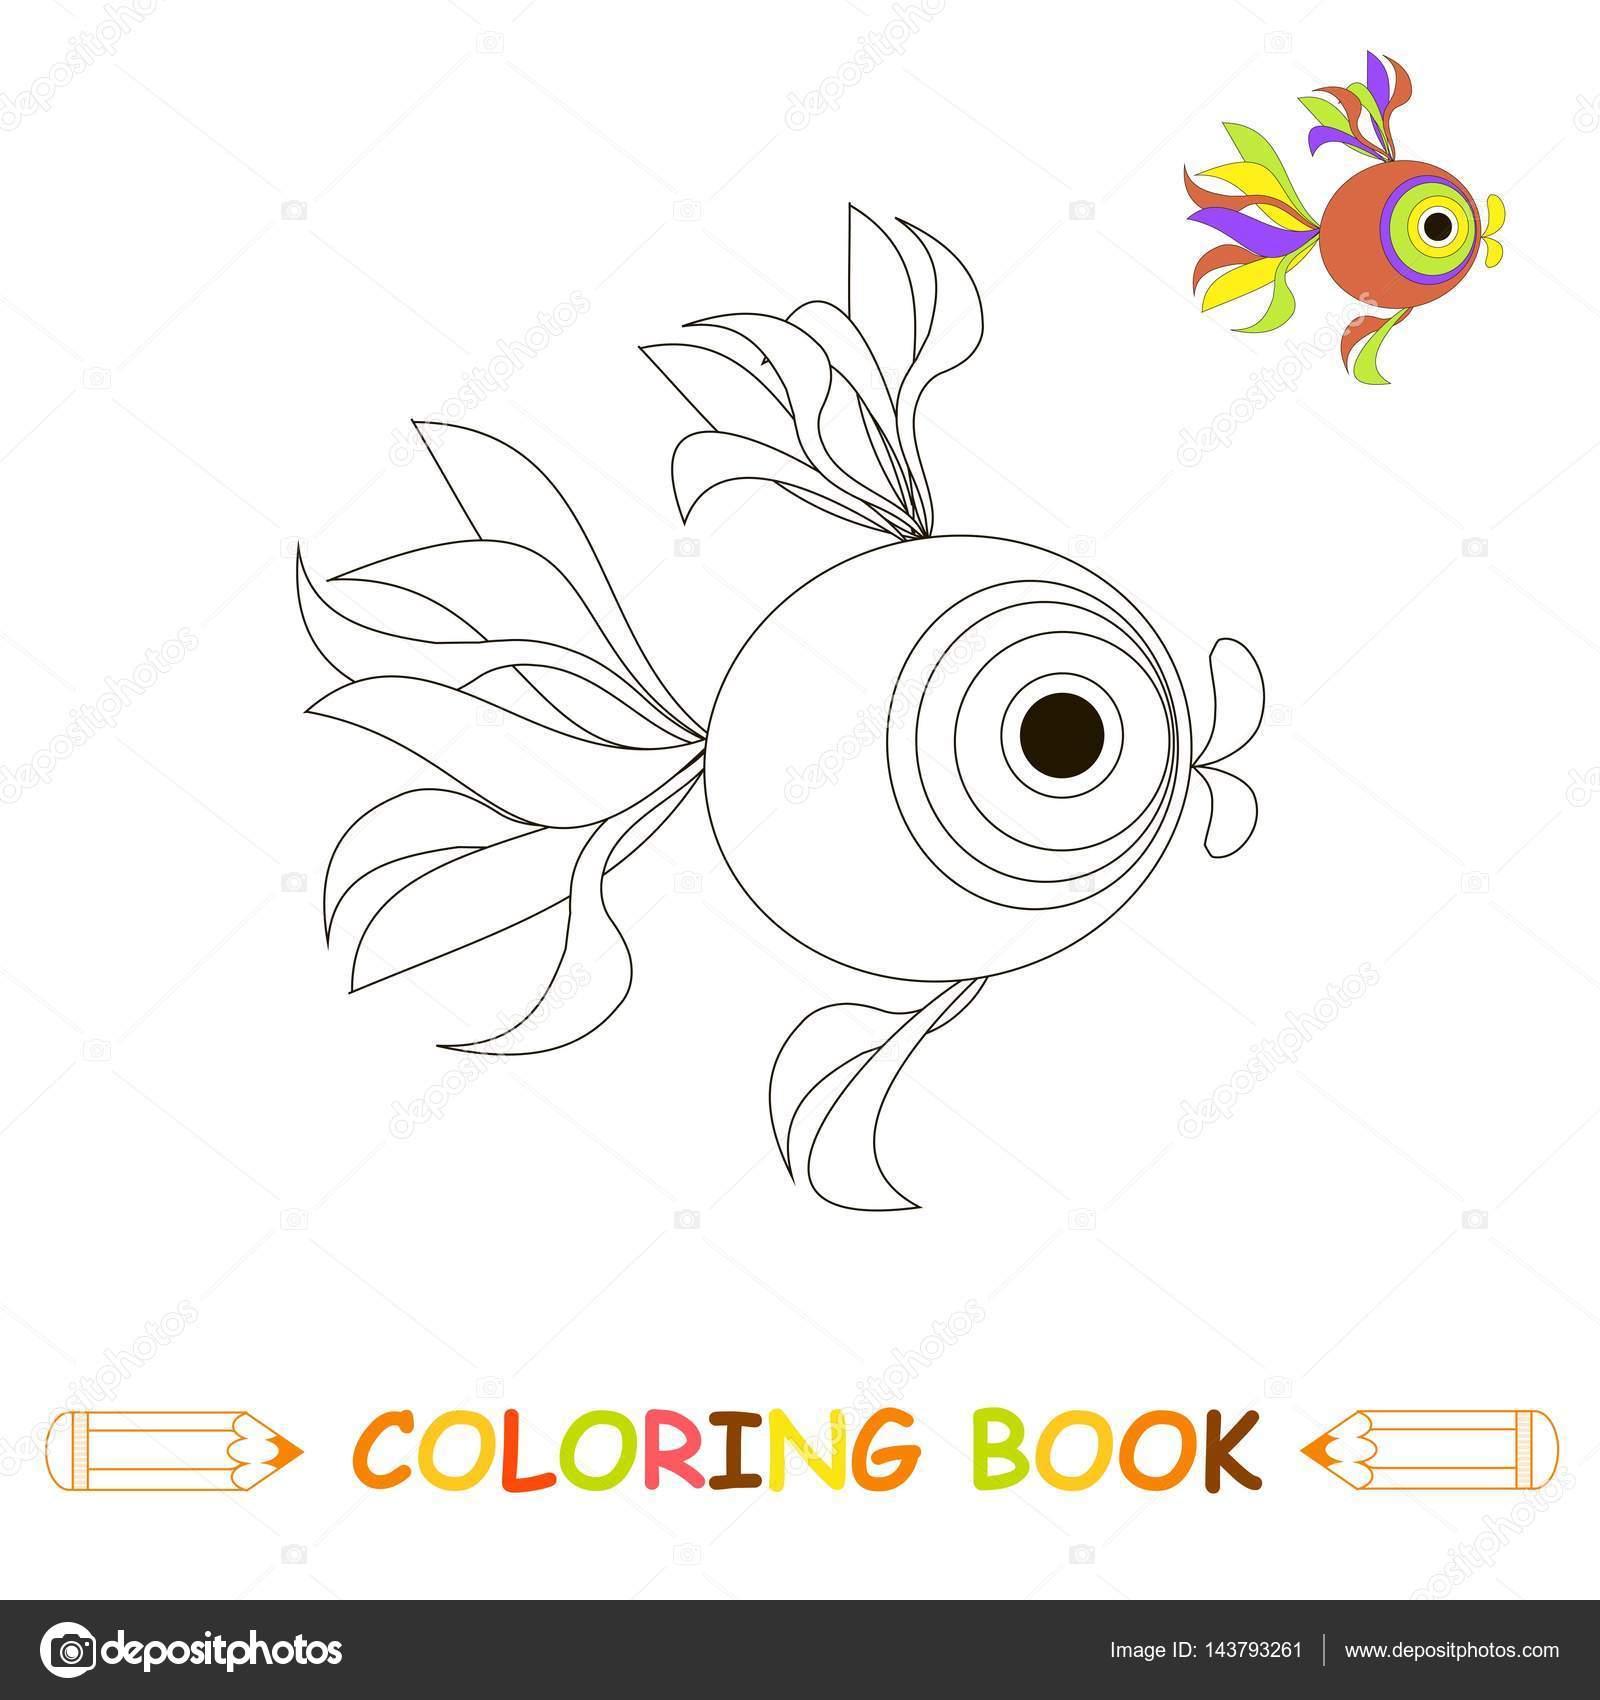 Kinder Malvorlagen Vektor Illustration Niedlichen Fische In